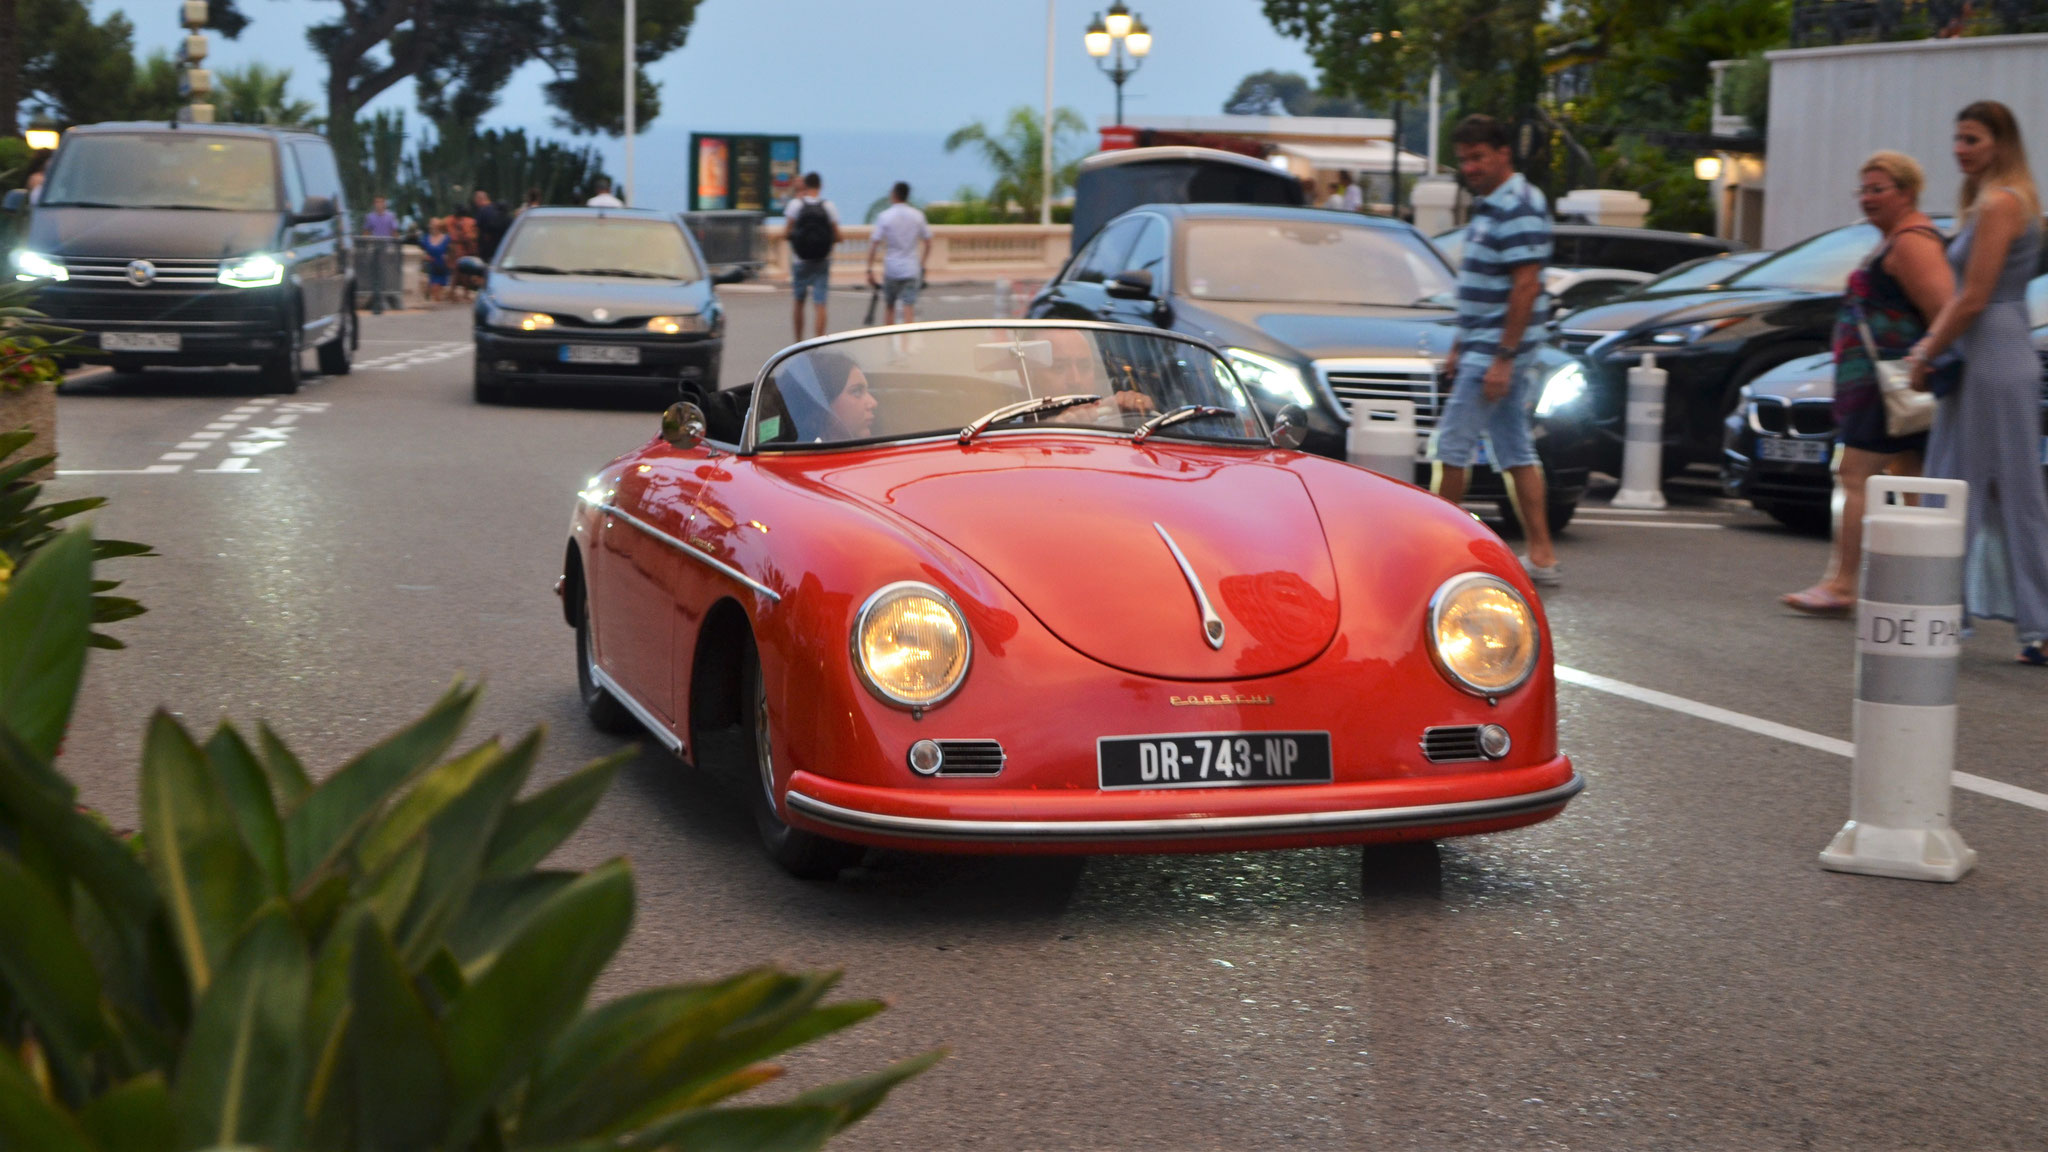 Porsche 356 1500 Speedster - DR-743-NP (FRA)